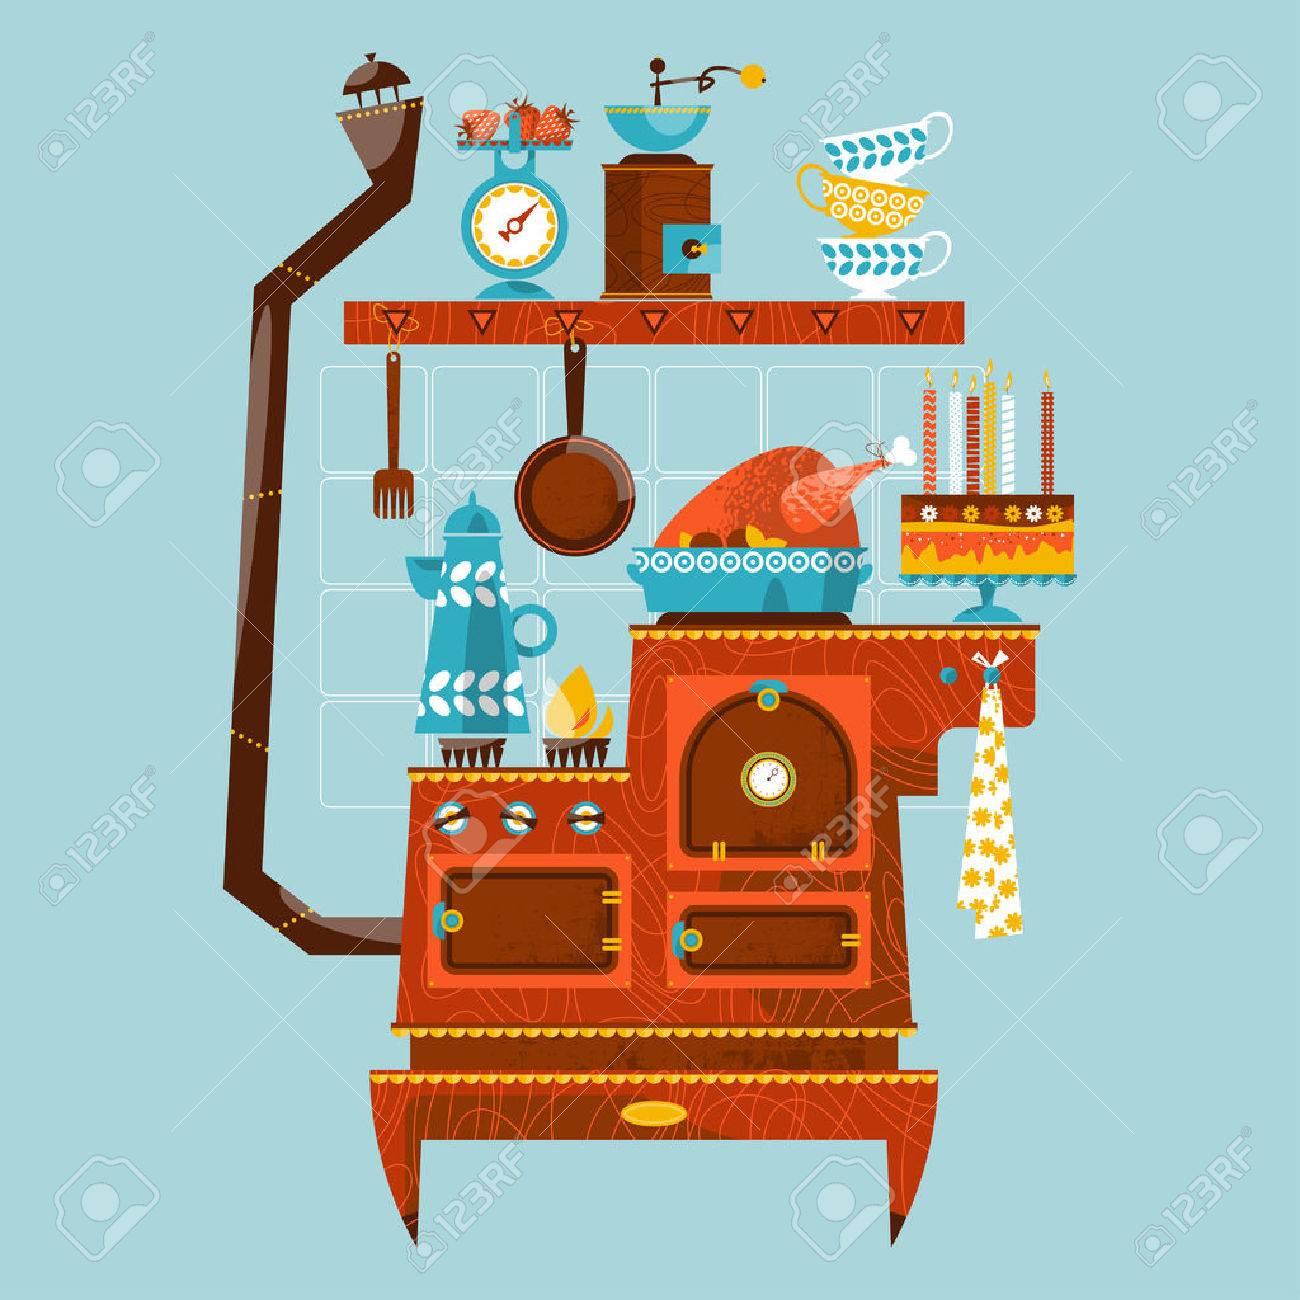 Retro-Stil Herd Mit Vintage-Küchengeräte Und Utensilien. Vektor ...